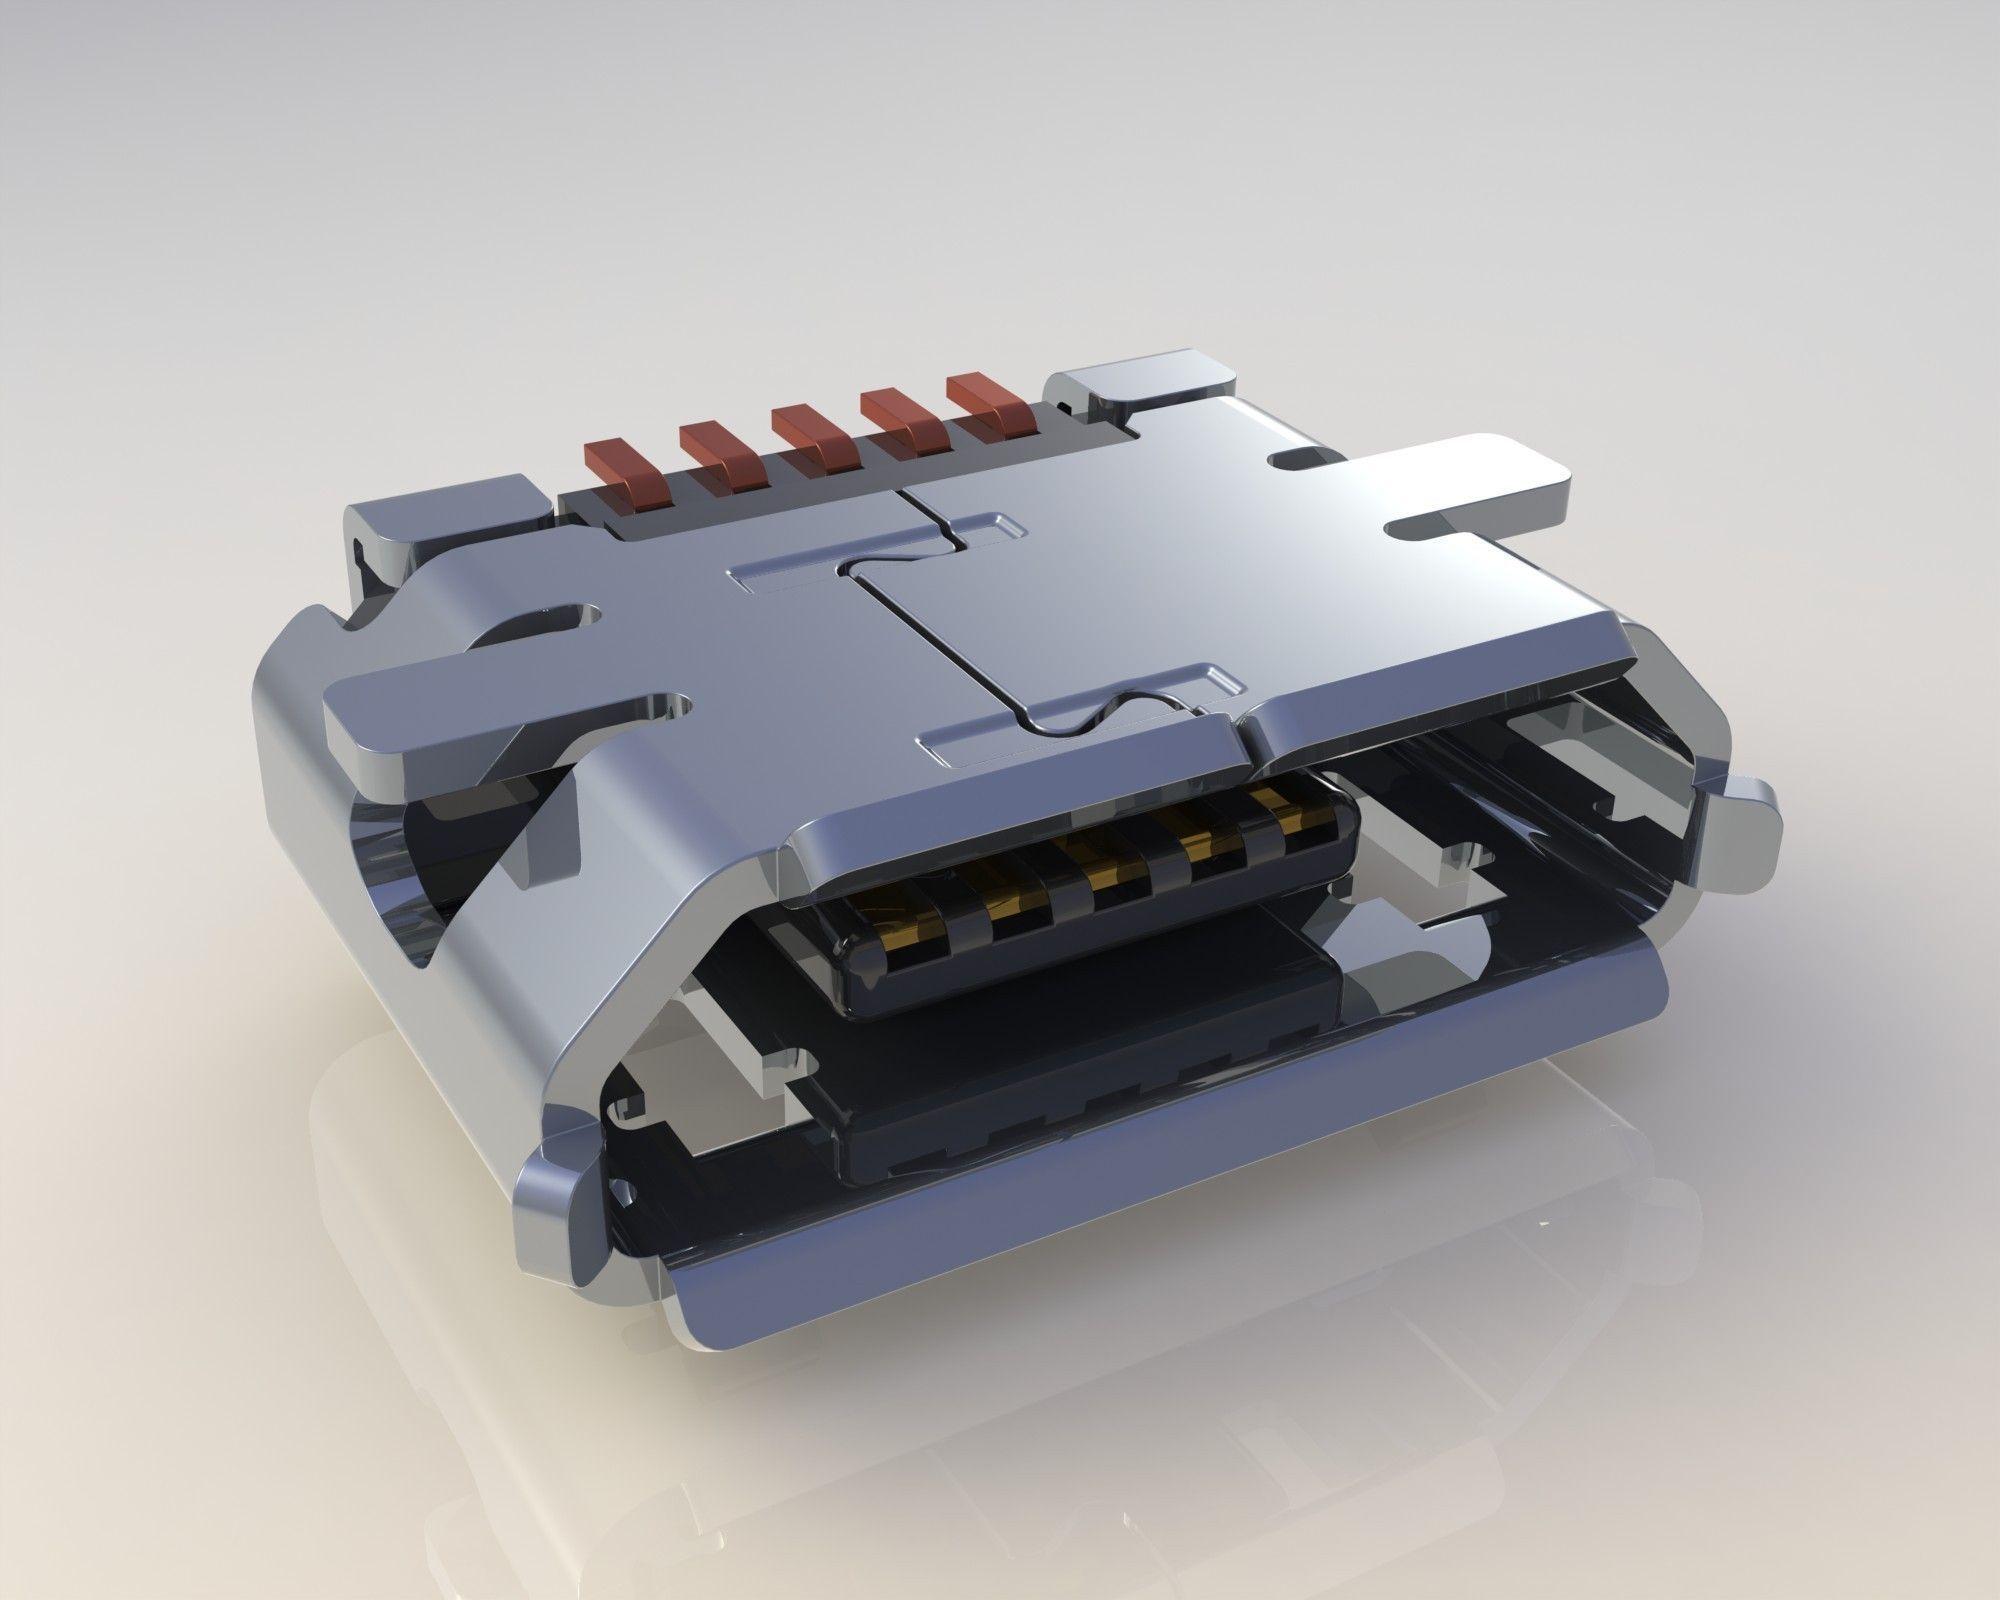 Micro Usb Free 3d Model Stl